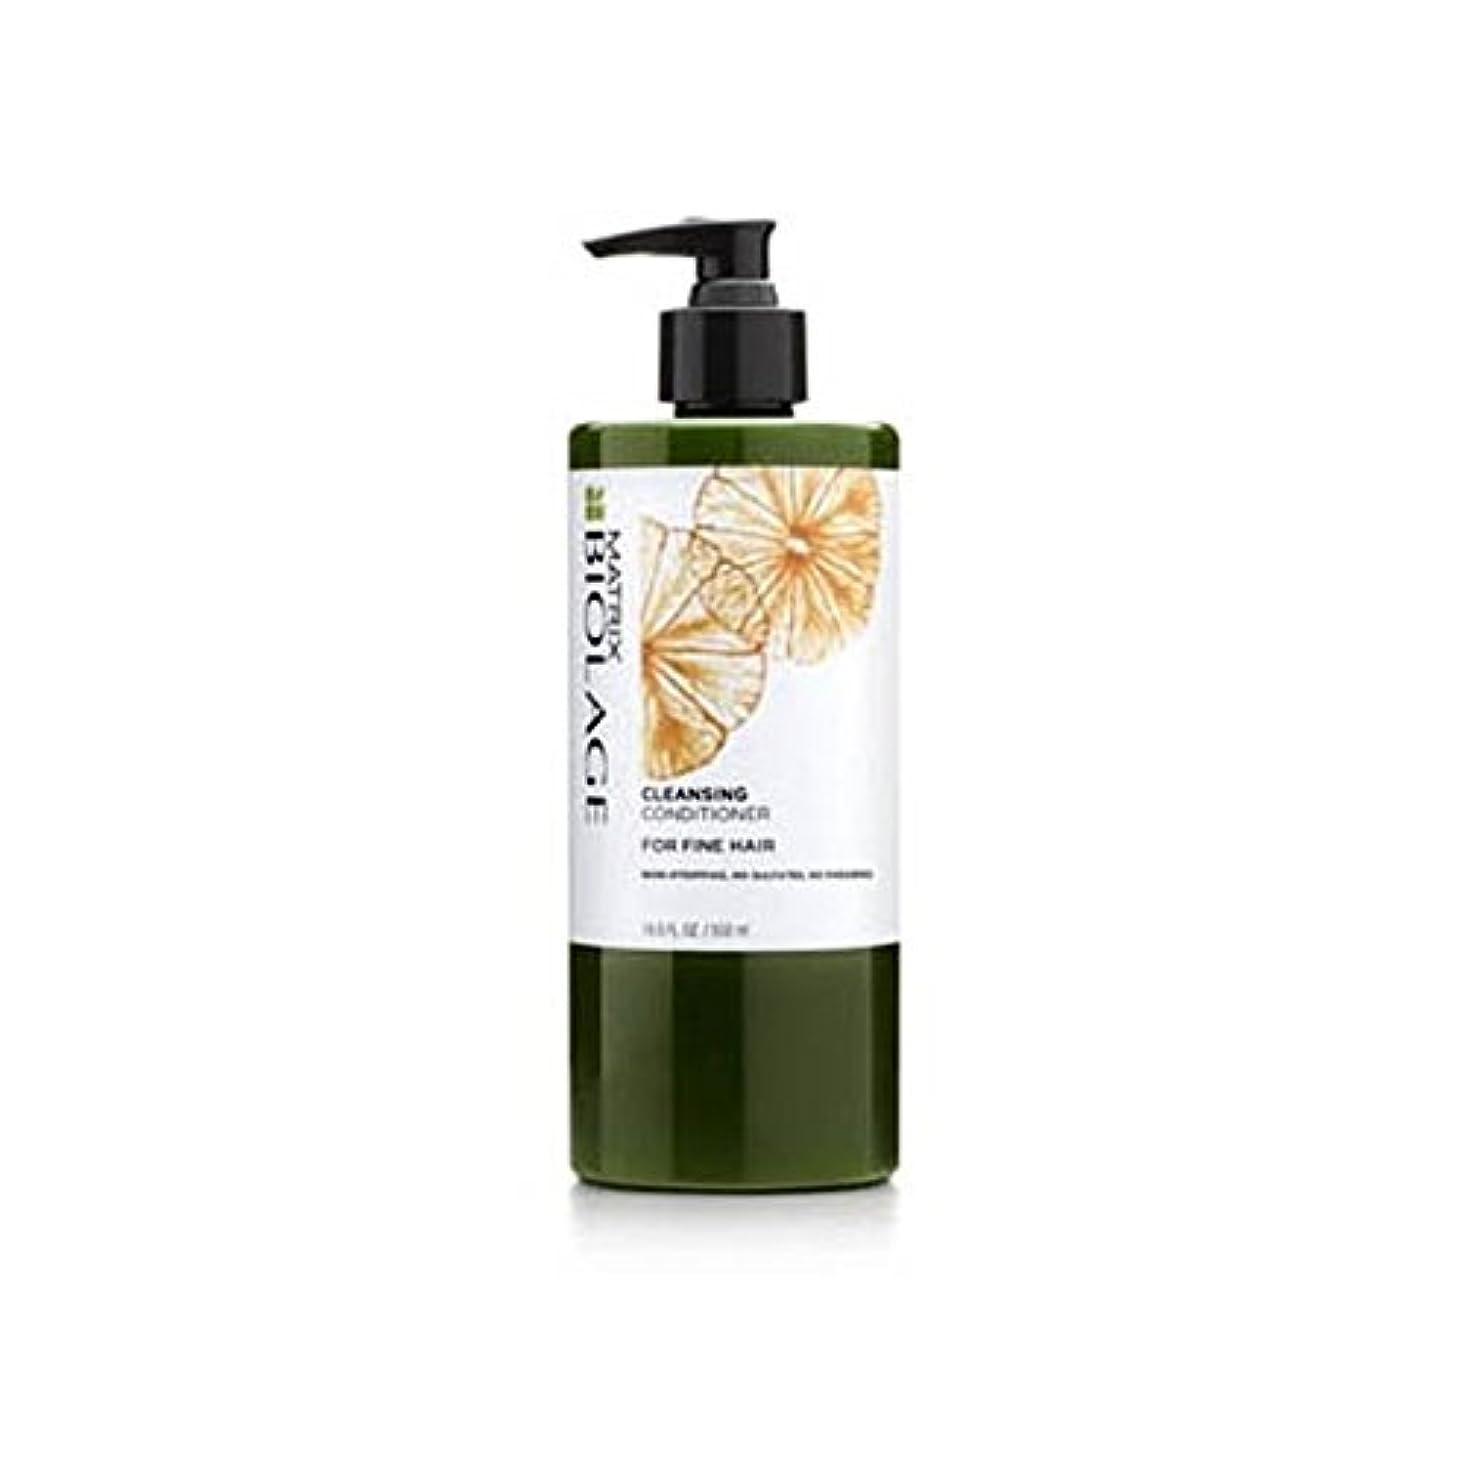 ダイジェストフライトスーツMatrix Biolage Cleansing Conditioner - Fine Hair (500ml) - マトリックスバイオレイジクレンジングコンディショナー - 細い髪(500ミリリットル) [並行輸入品]